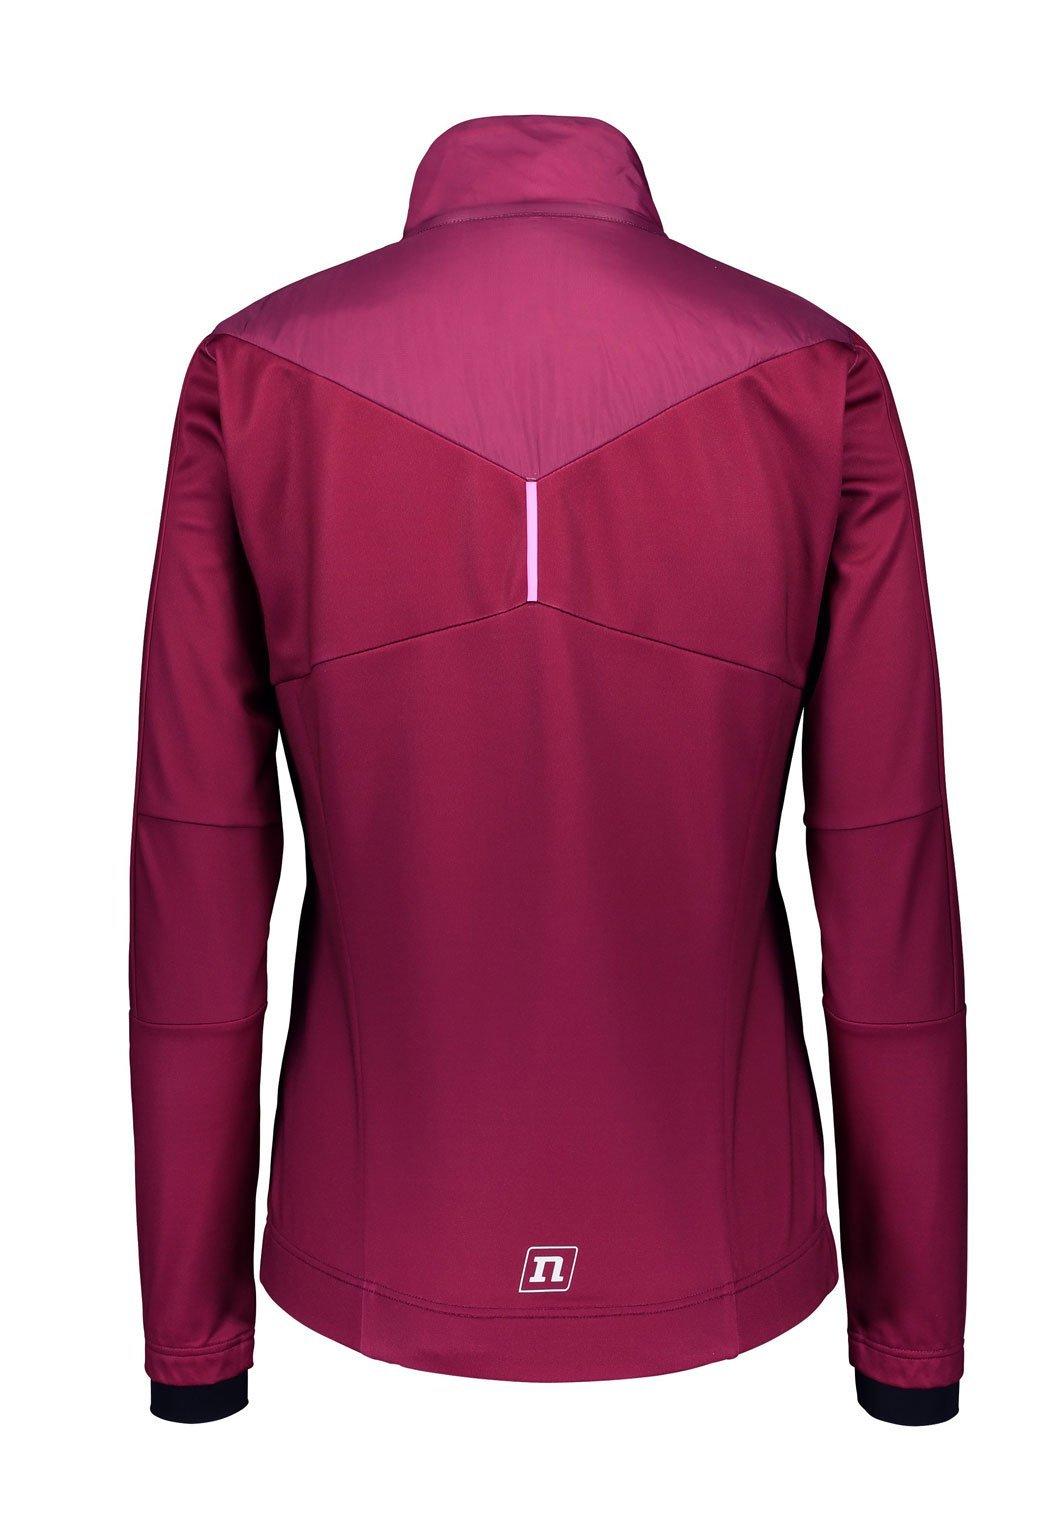 Noname Hybrid лыжная куртка женская purple - 2